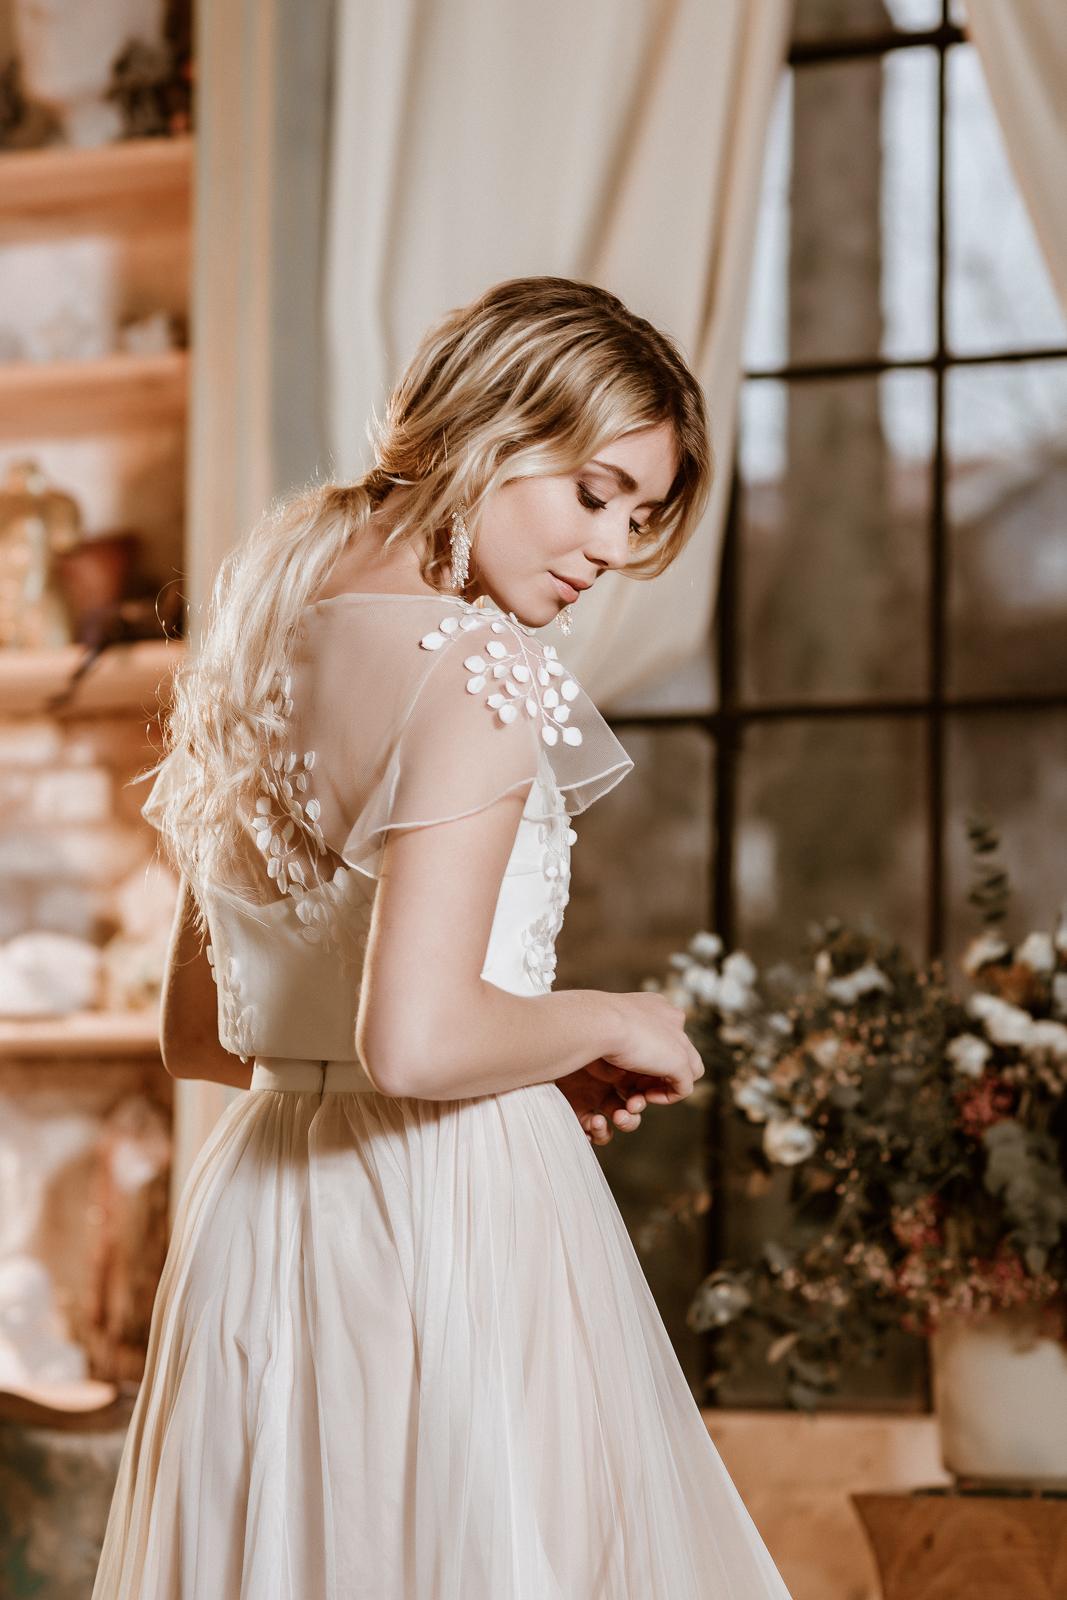 noni Jubiläumskollektion | Brautkleid mit Croptop aus 3D-Spitze und Tüllrock in Ivory-Blush, Rückenansicht (Foto: Le Hai Linh)